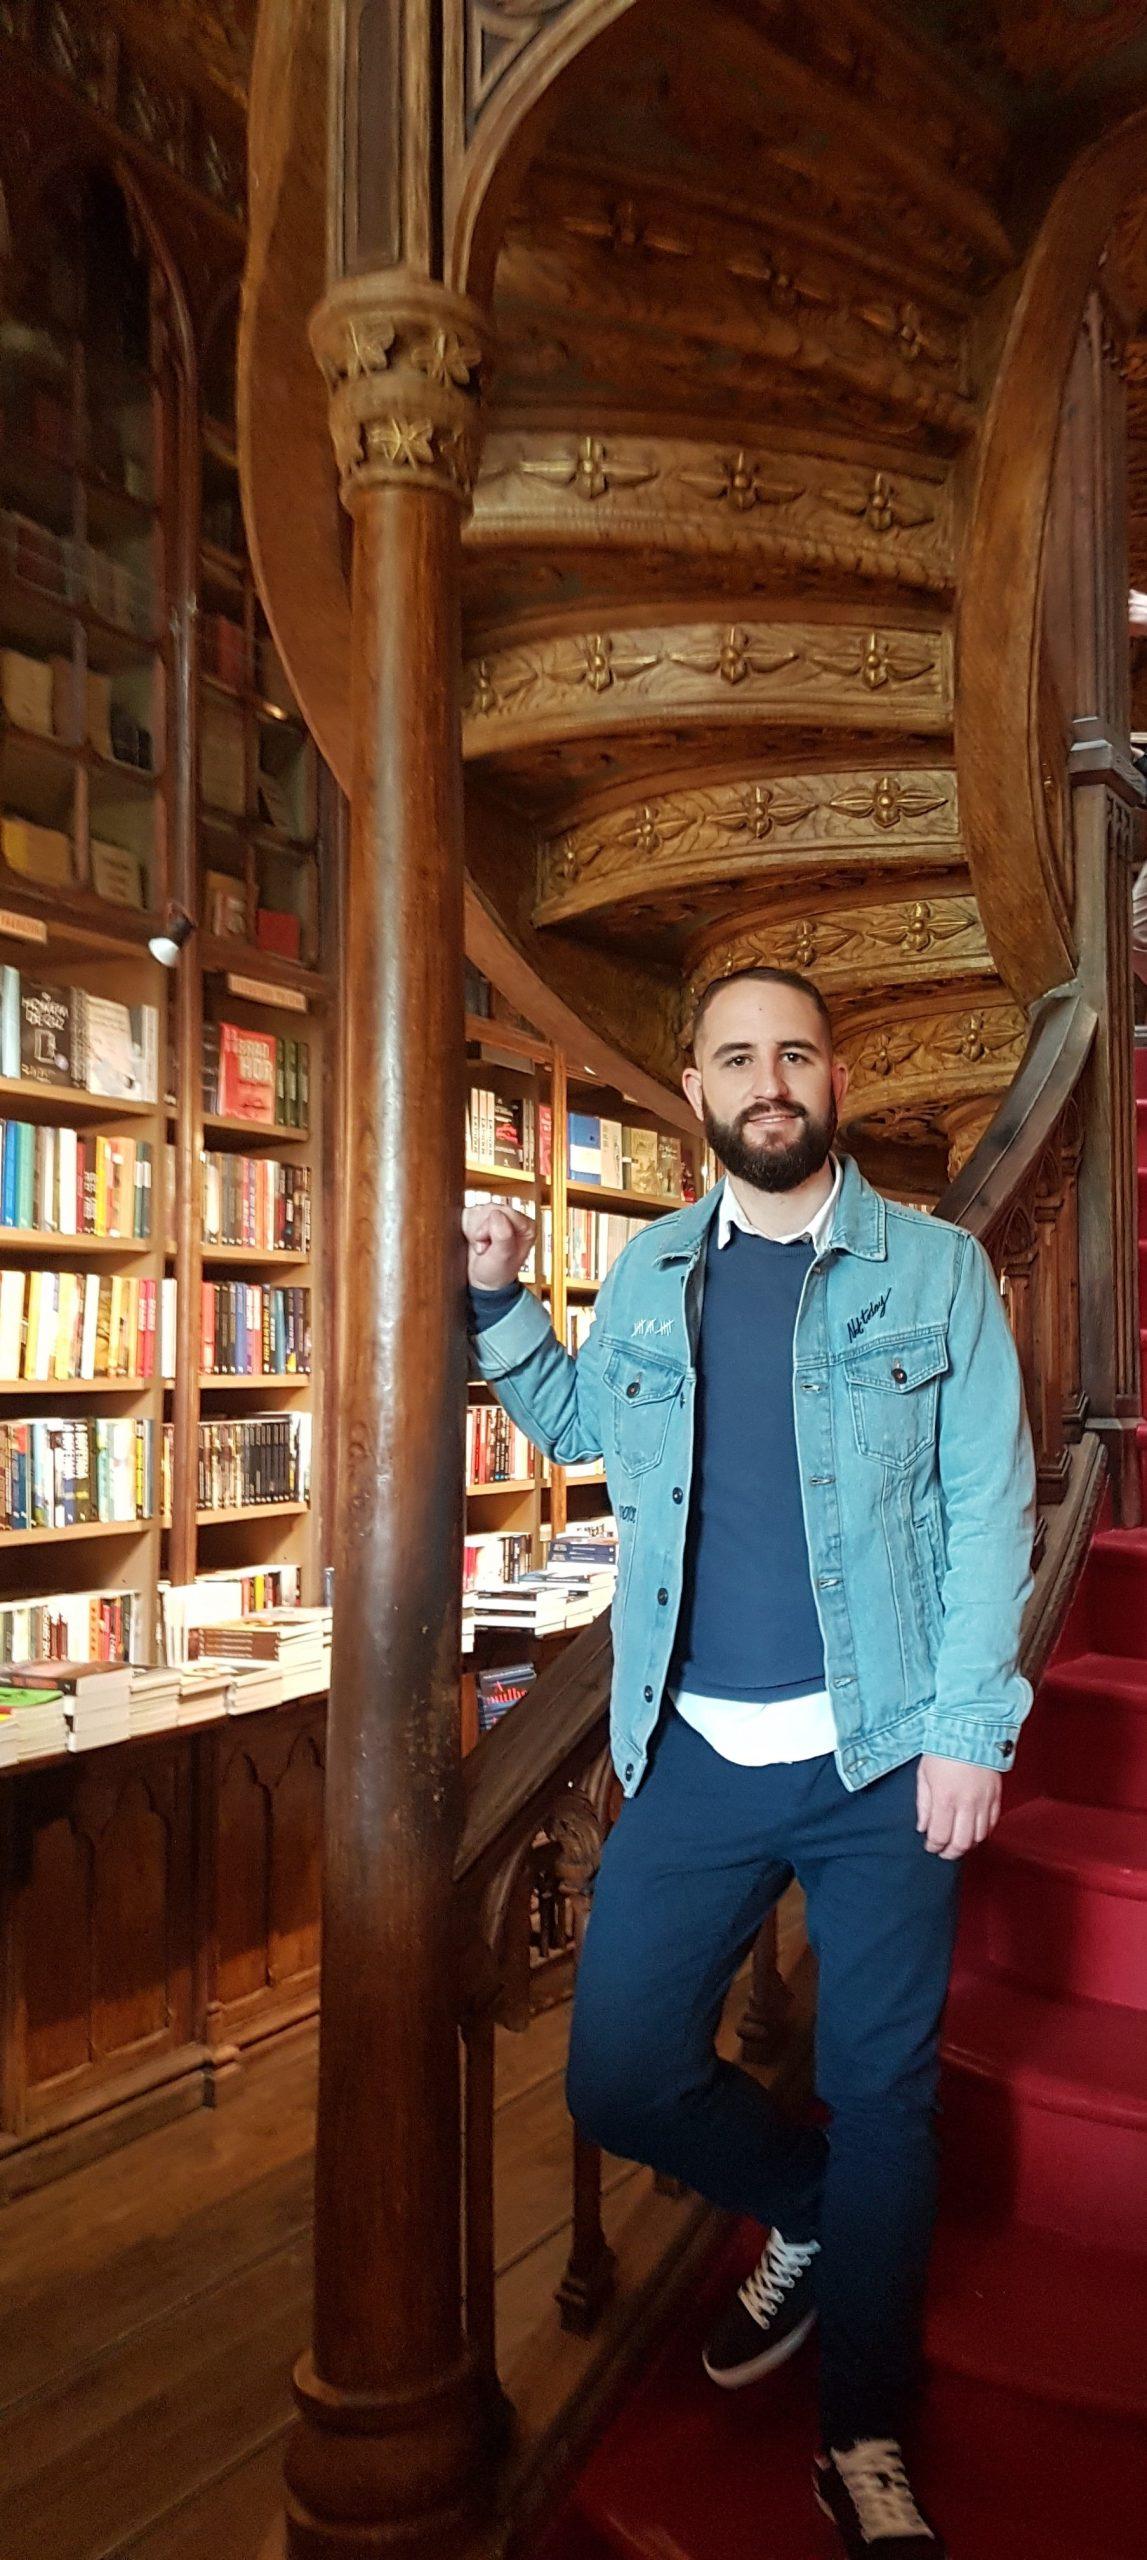 Isgoga en el interior de la libreria Lello